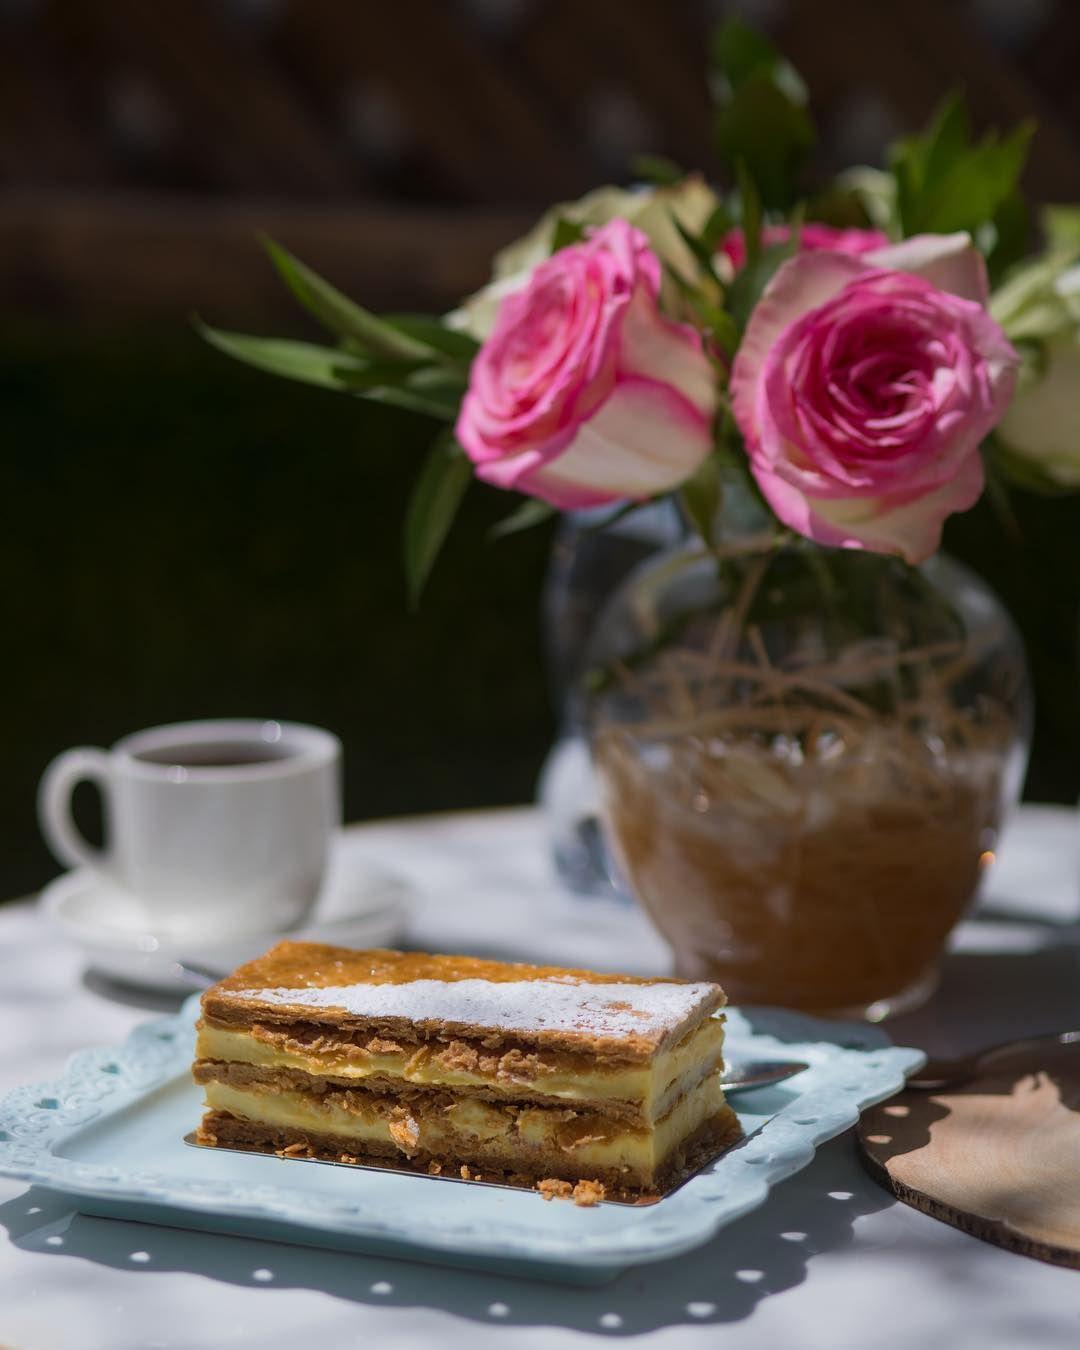 أرورا كافيه On Instagram لا تجعل من نفسك الخيار الثاني لأحد كن الأول أو لا تكن قهوه كوفي كفيات الرياض حلى Desserts Food Pie